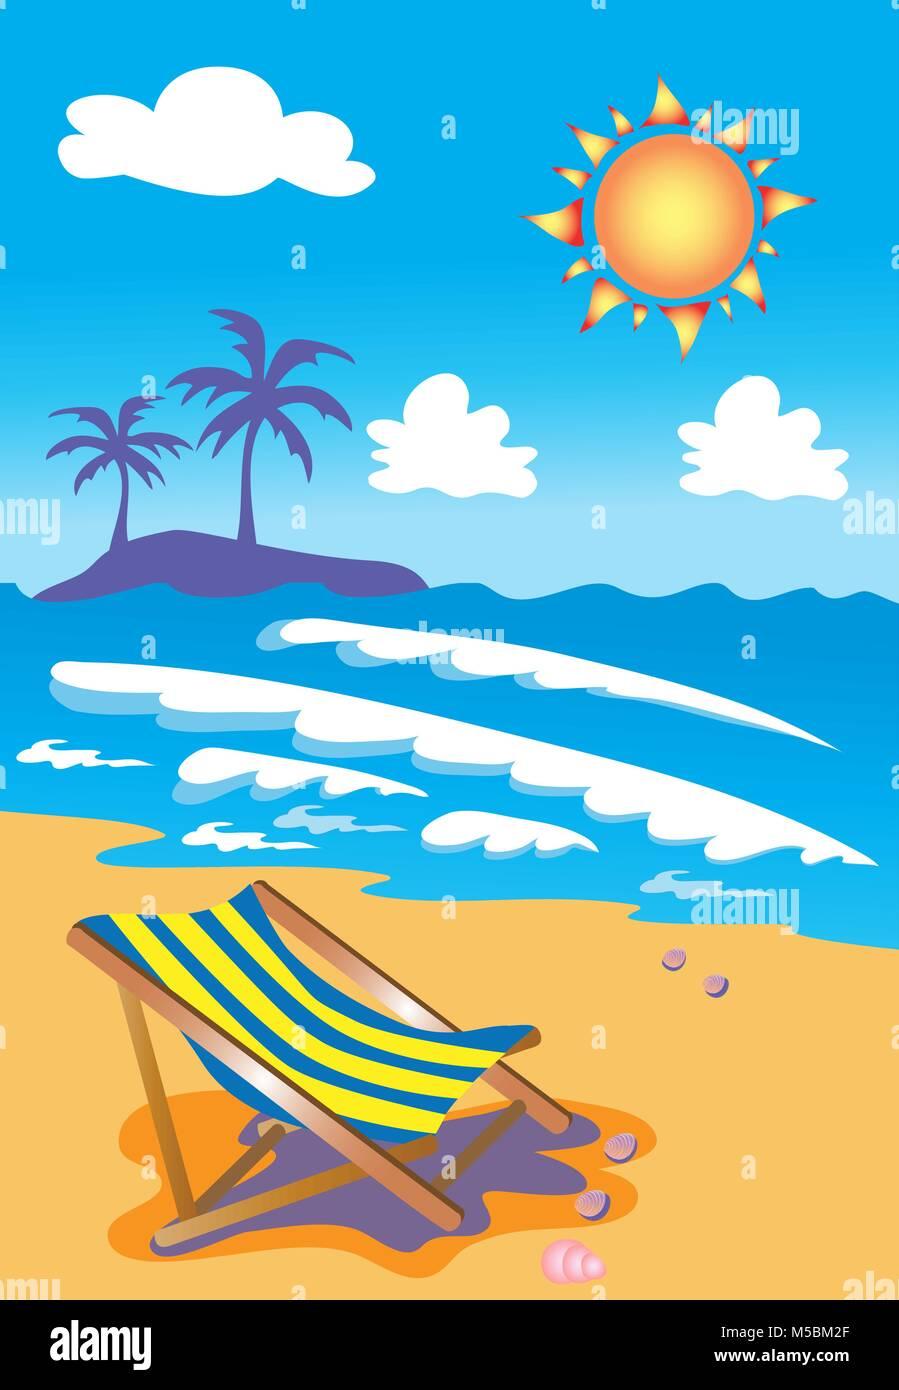 Deckchairs on tropical beach - Stock Vector